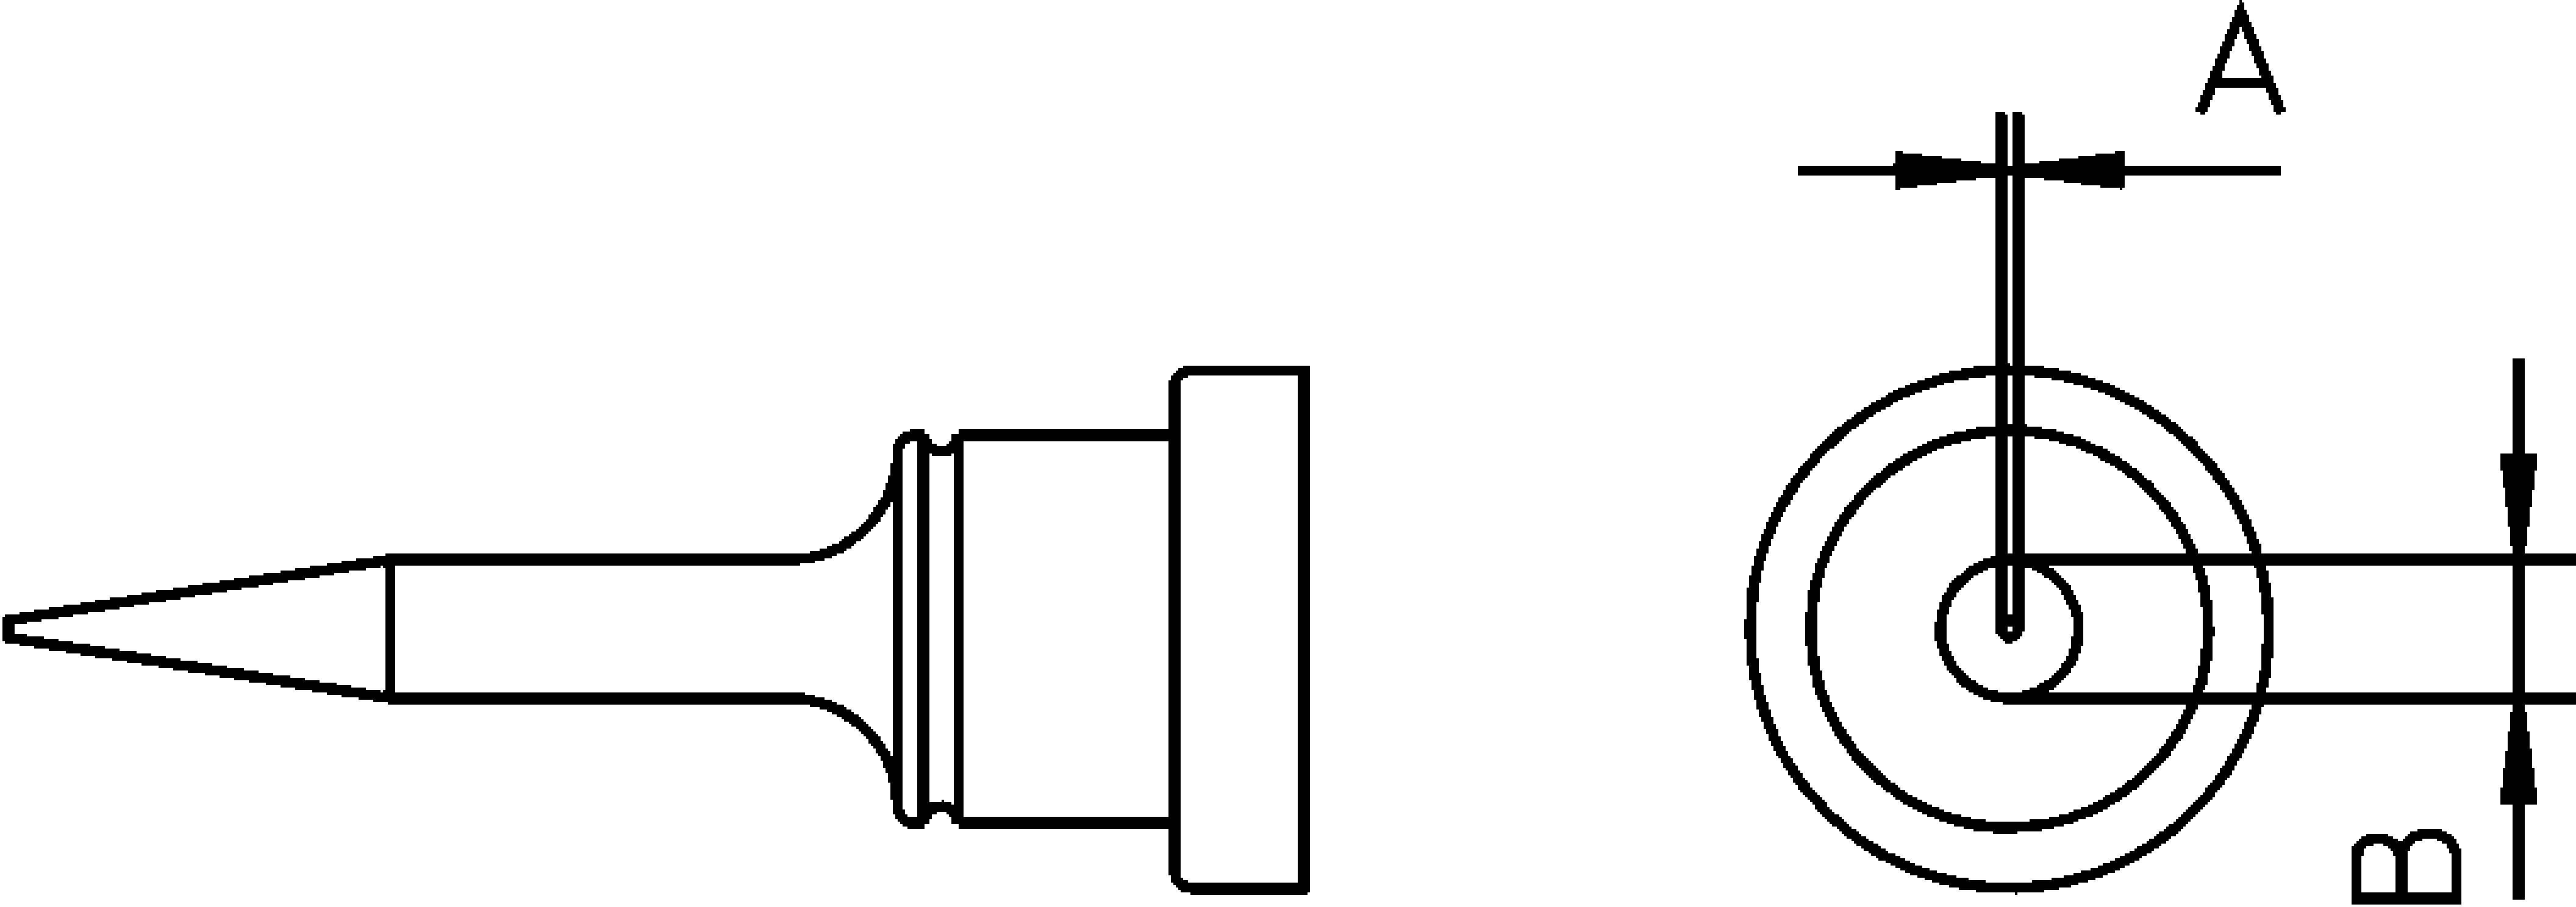 Pájecí hrot Weller LT-1S, dlouhý, kulatý, 0,2 mm